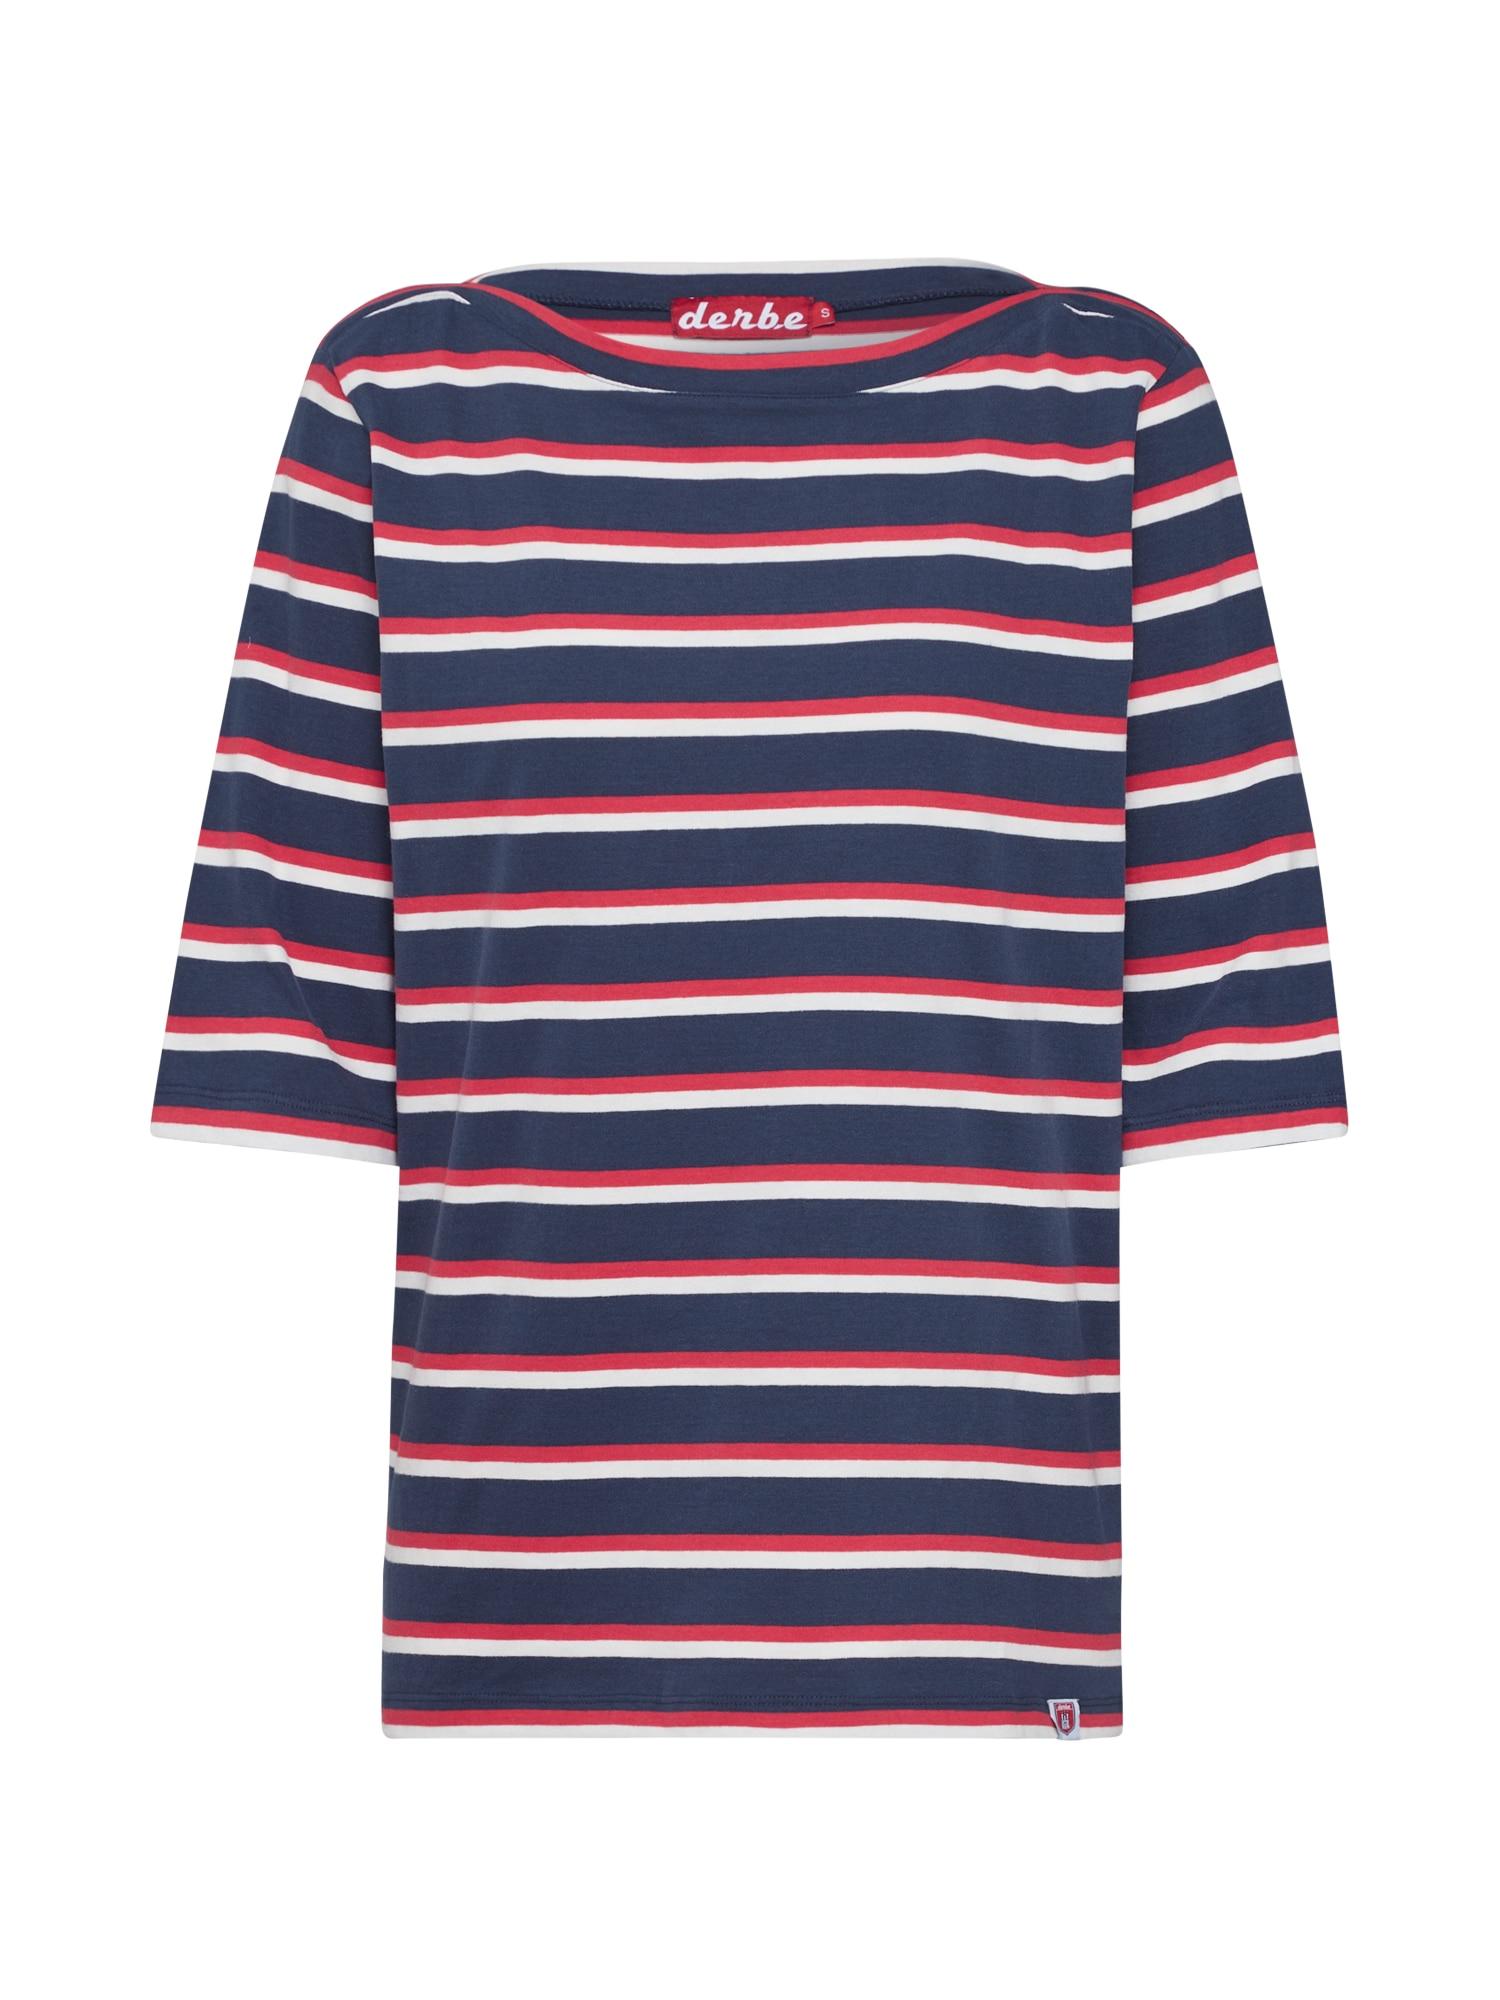 Derbe Marškinėliai 'Harbor Multistriped' balkšva / tamsiai mėlyna / raudona